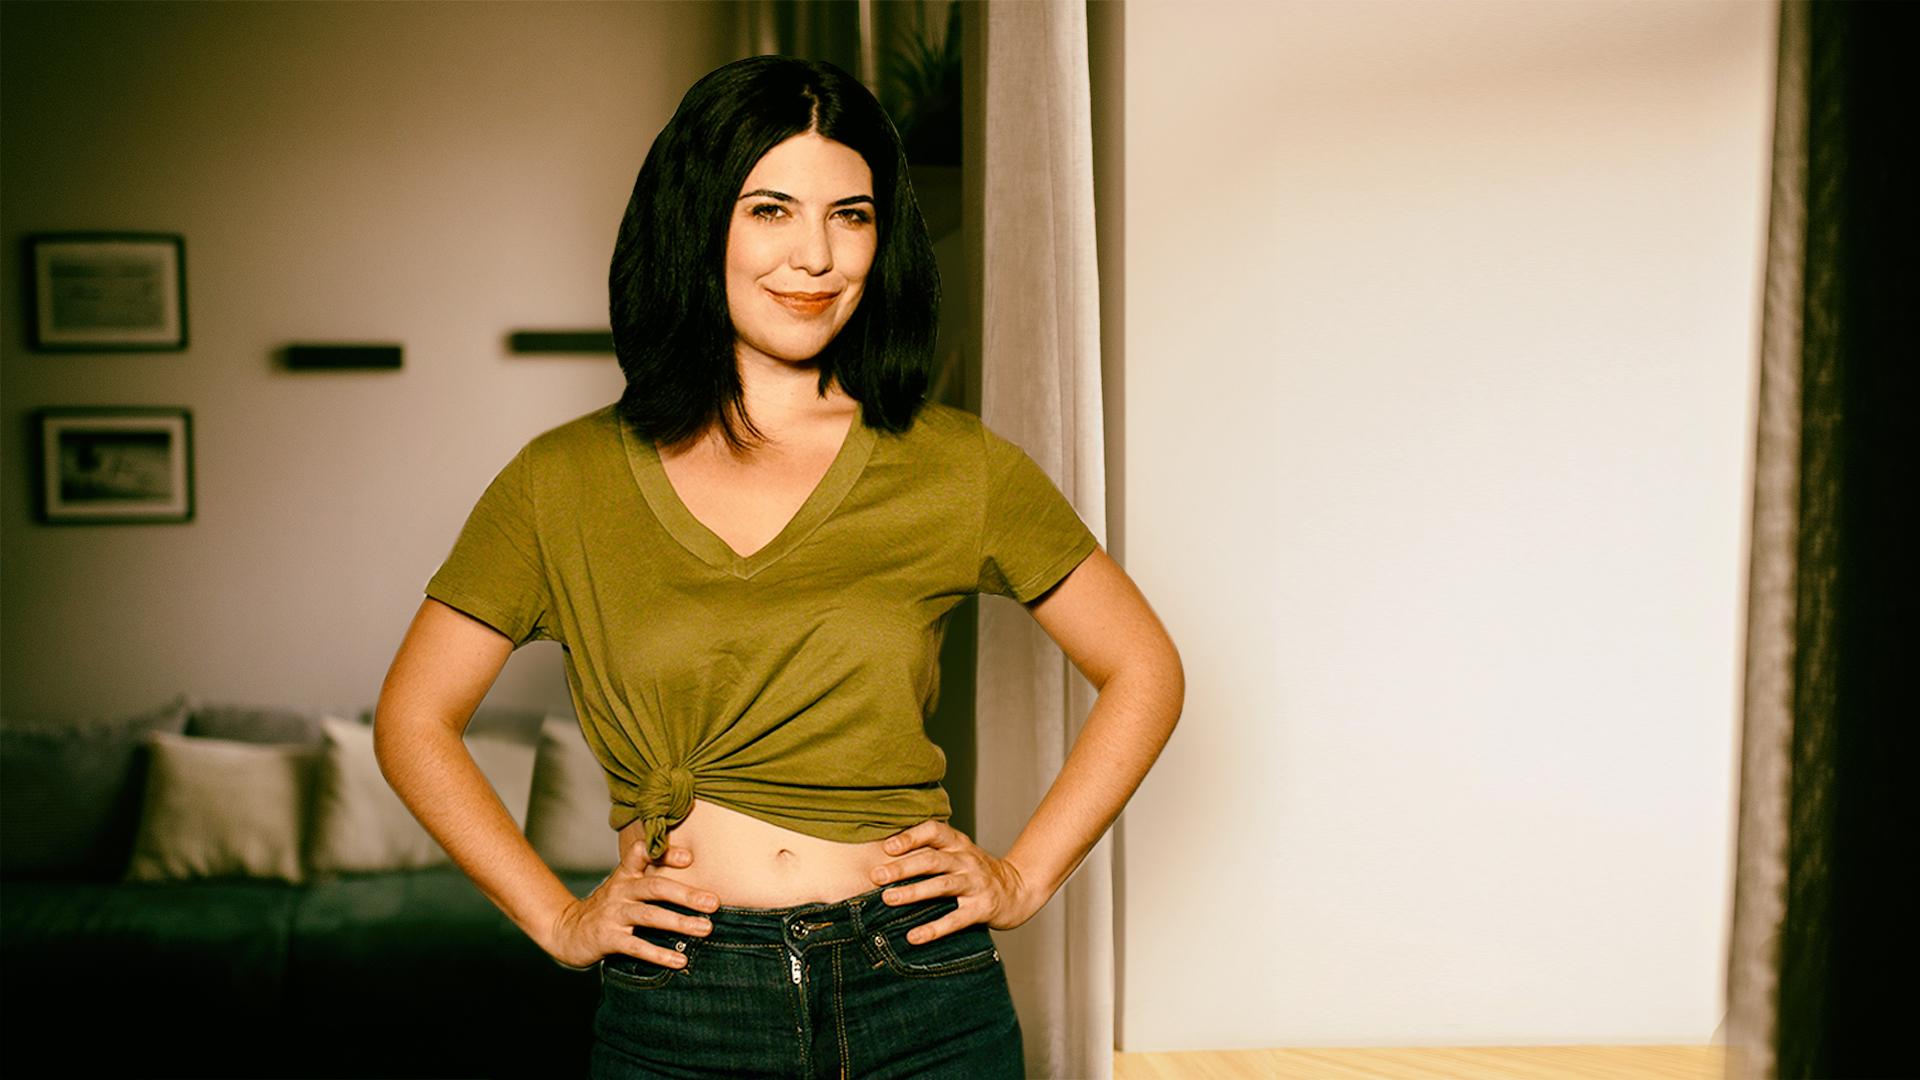 Myrsini Morelli - Actress